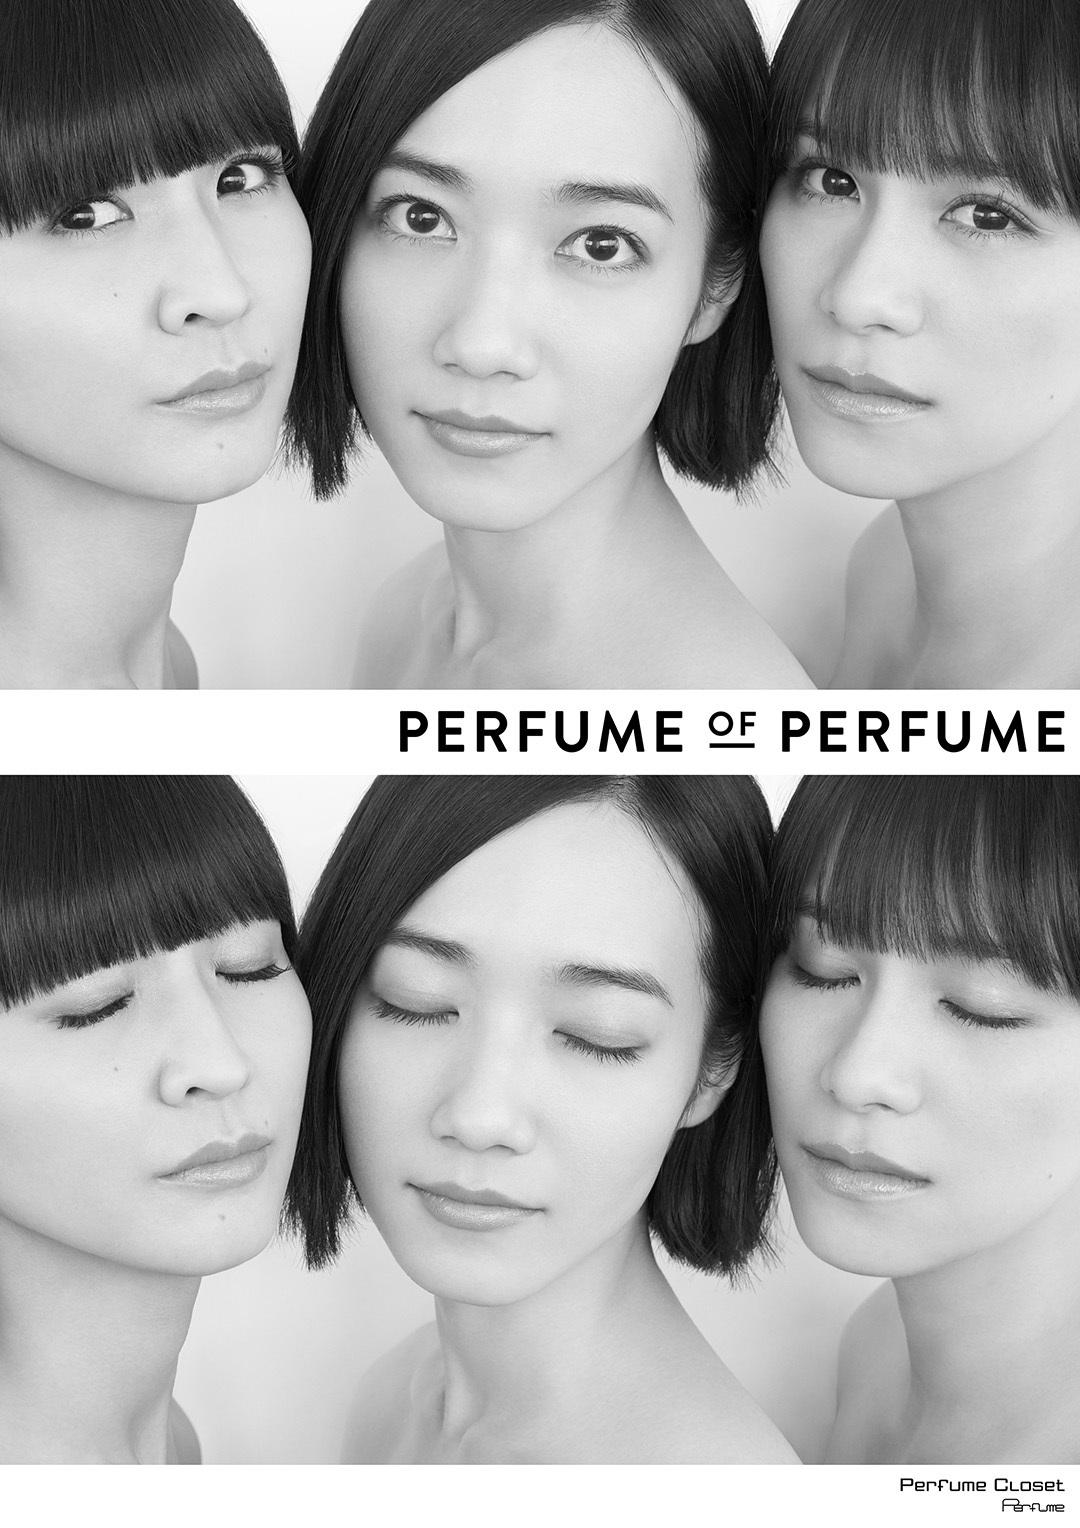 パフュームの3人も愛用! ファッションプロジェクトPerfume Closetから、フレグランス新製品が登場_1_1